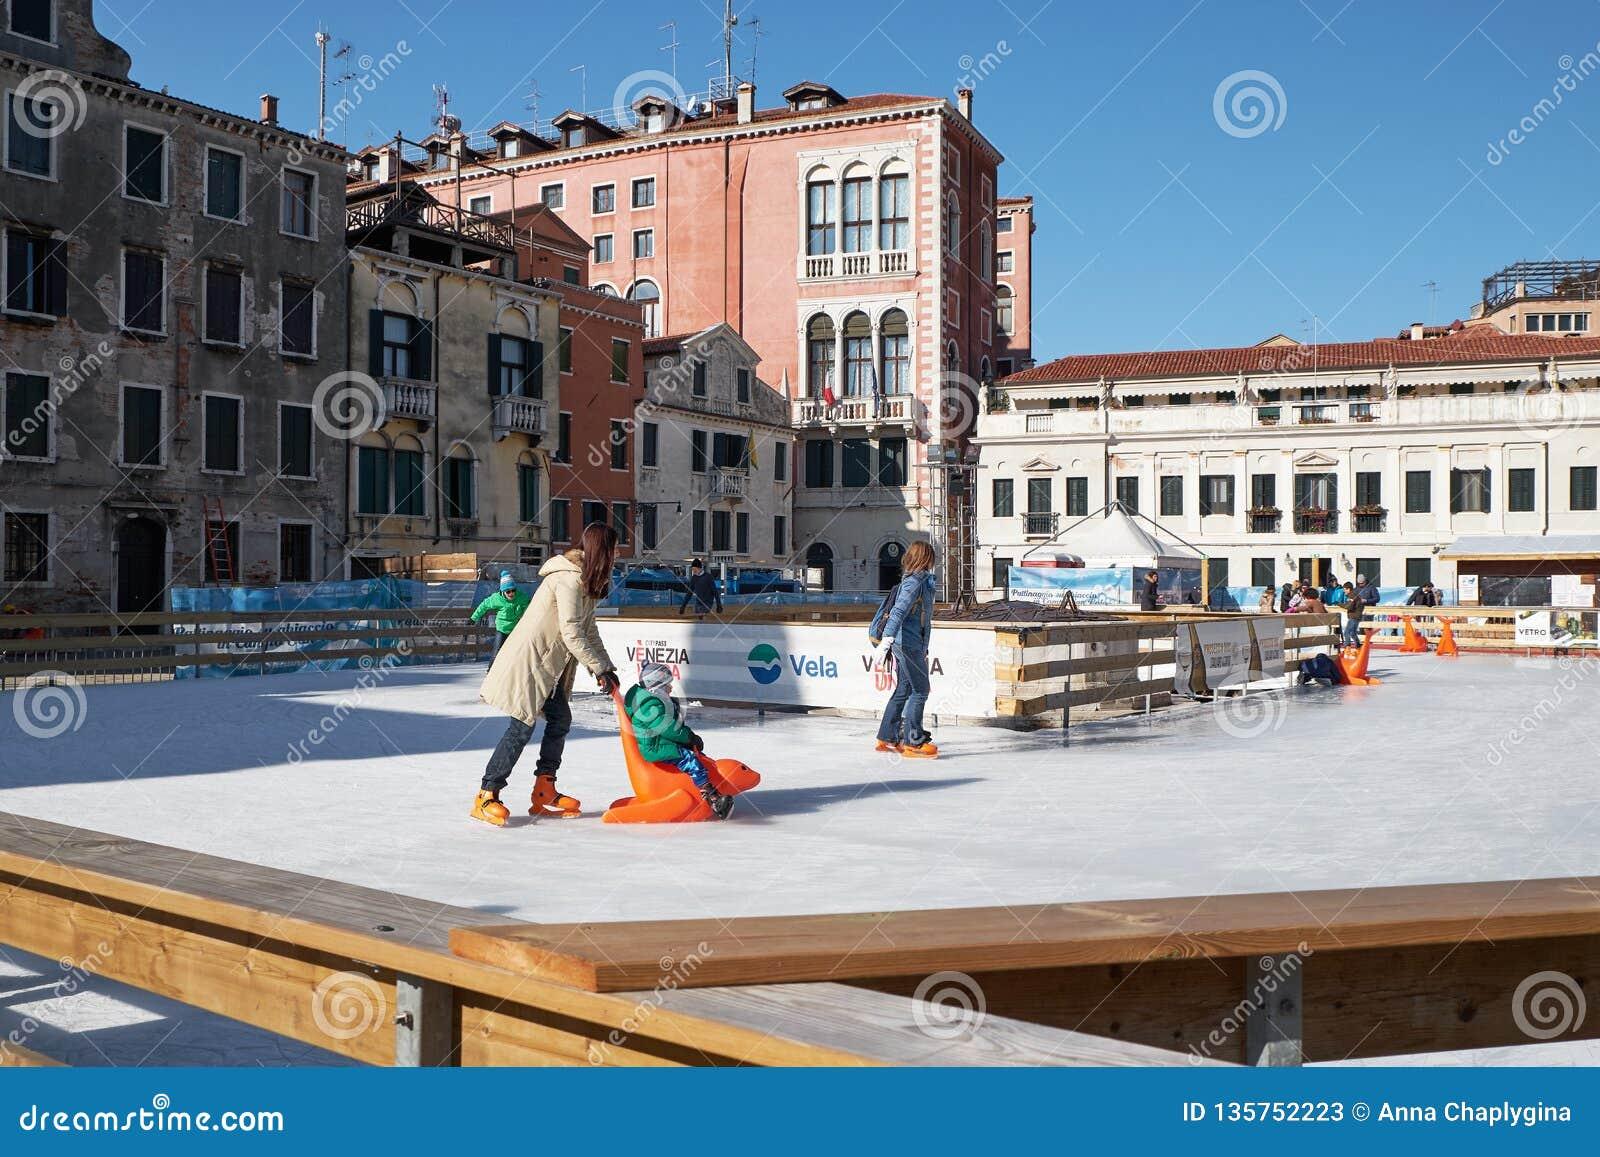 Venezia, Italia - 10 febbraio 2018: La gente sulla pista di pattinaggio di pattinaggio su ghiaccio